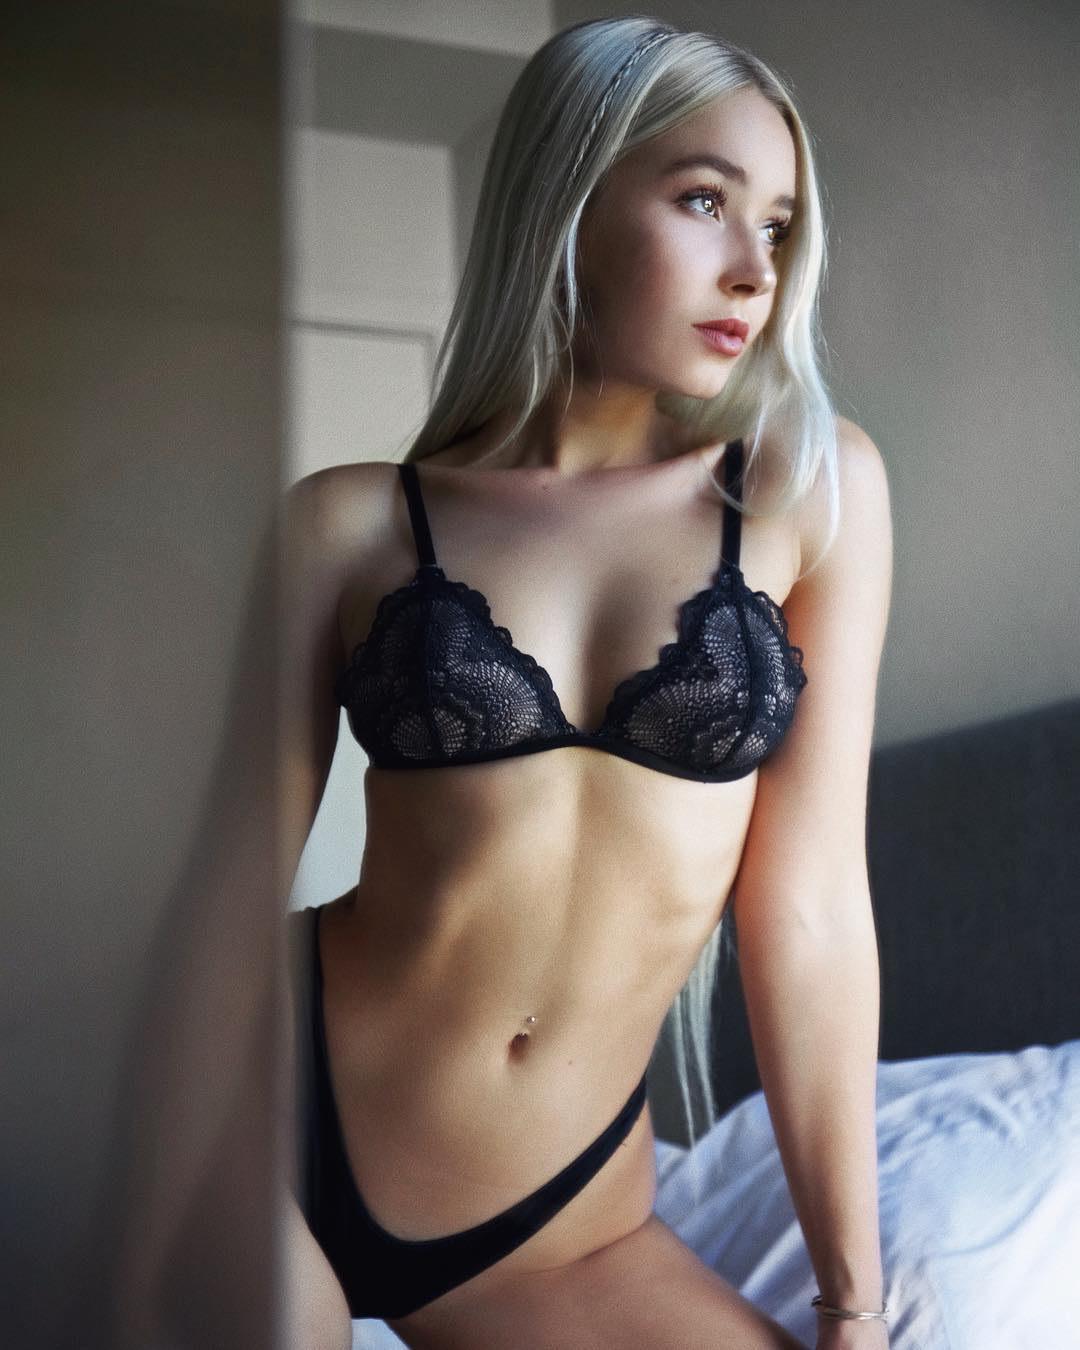 Model Judith